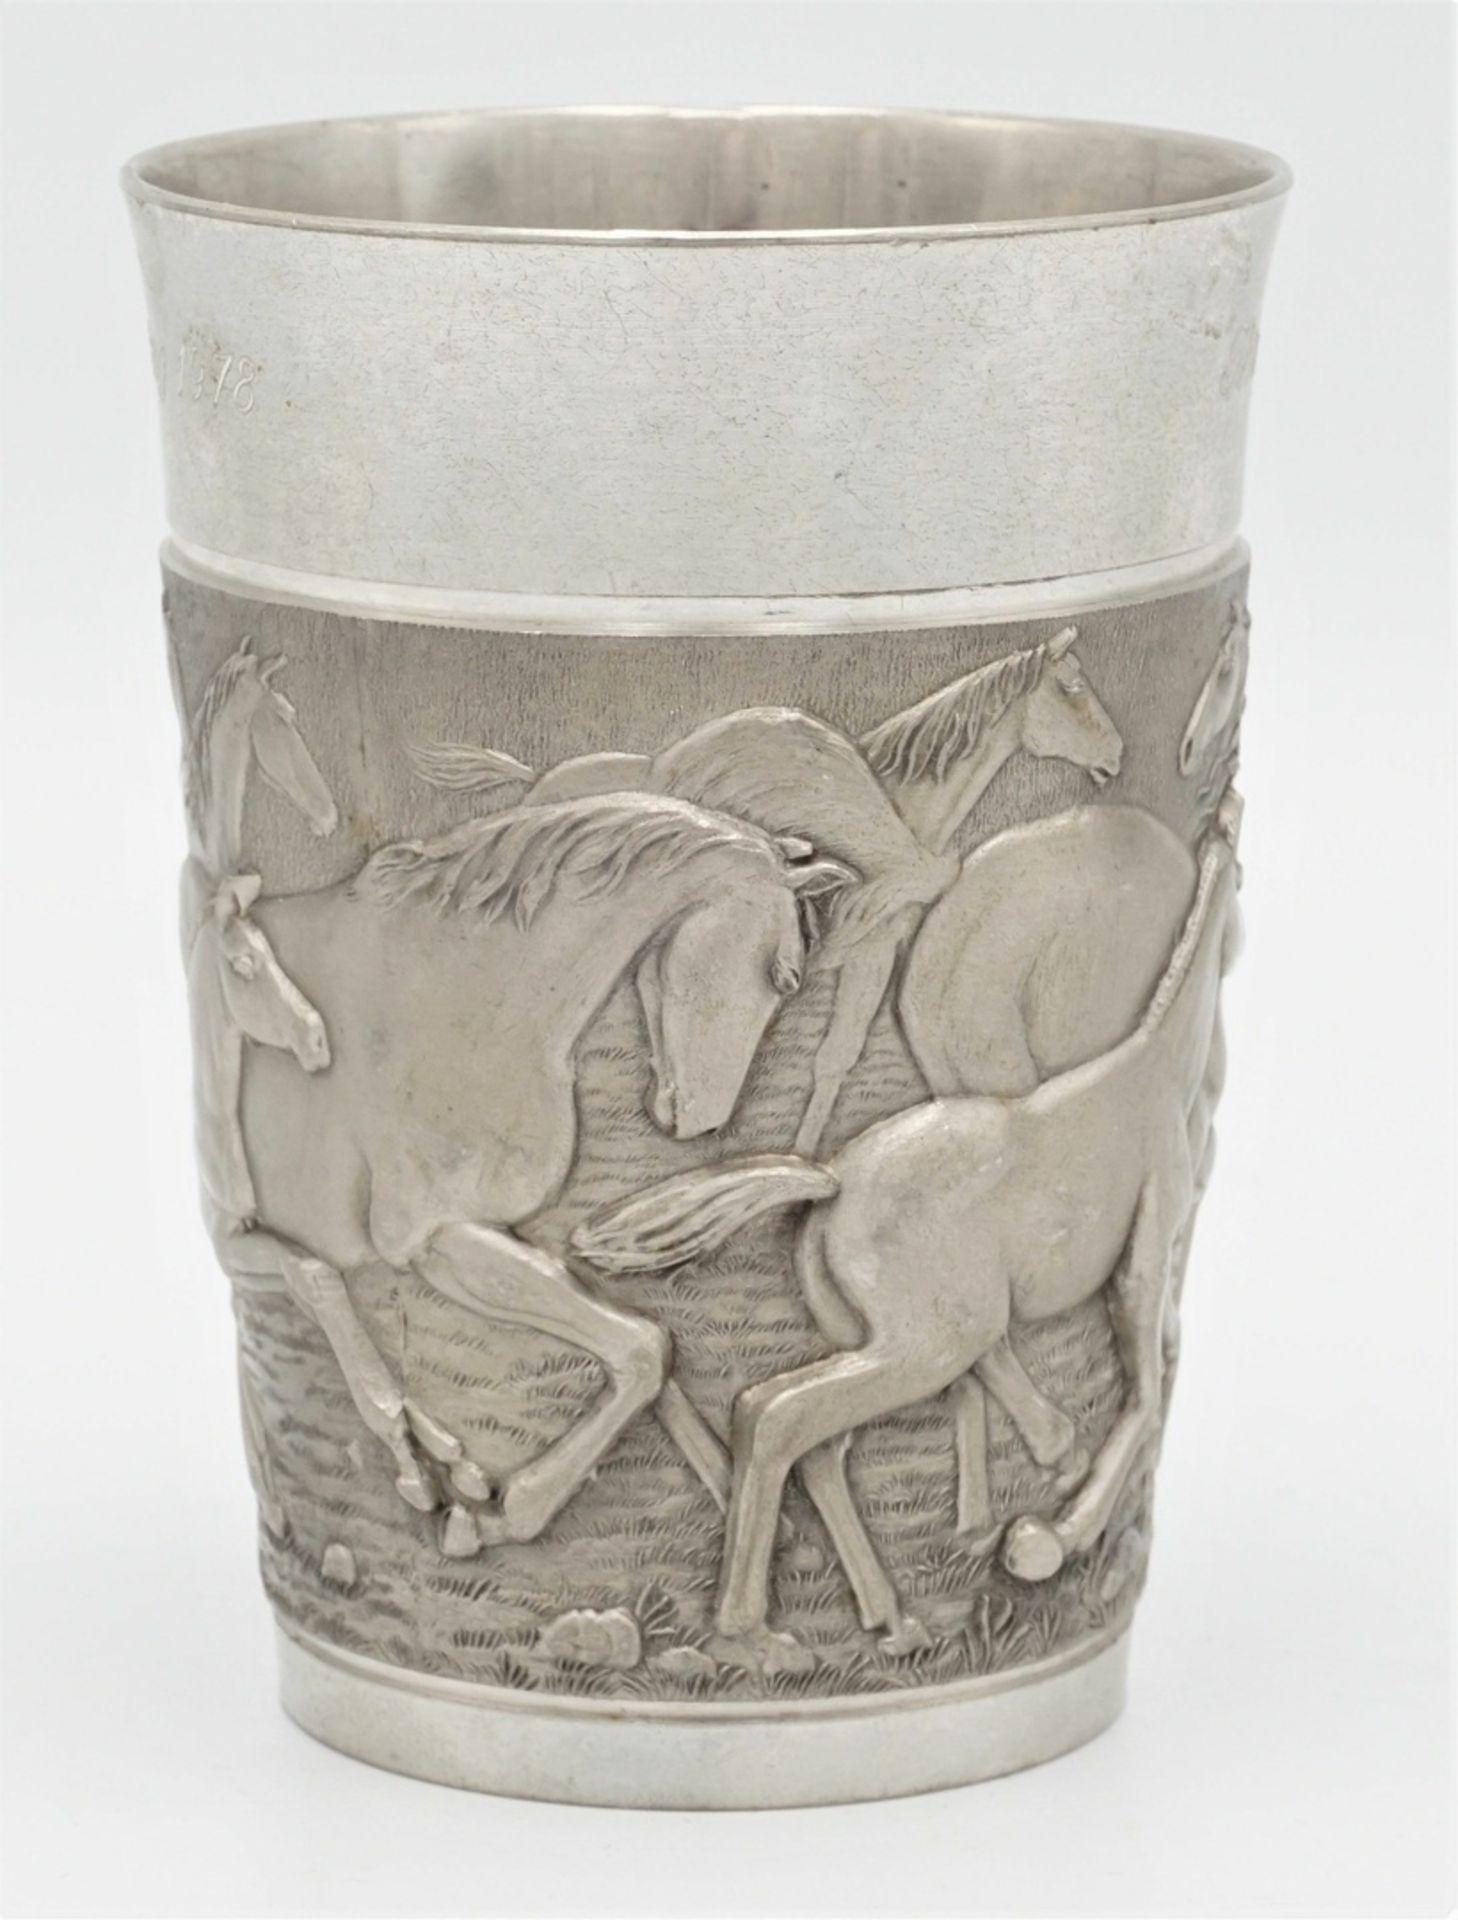 Zwei Wandteller und ein Becher mit Pferde-Motiven, 20. Jh. - Bild 5 aus 6